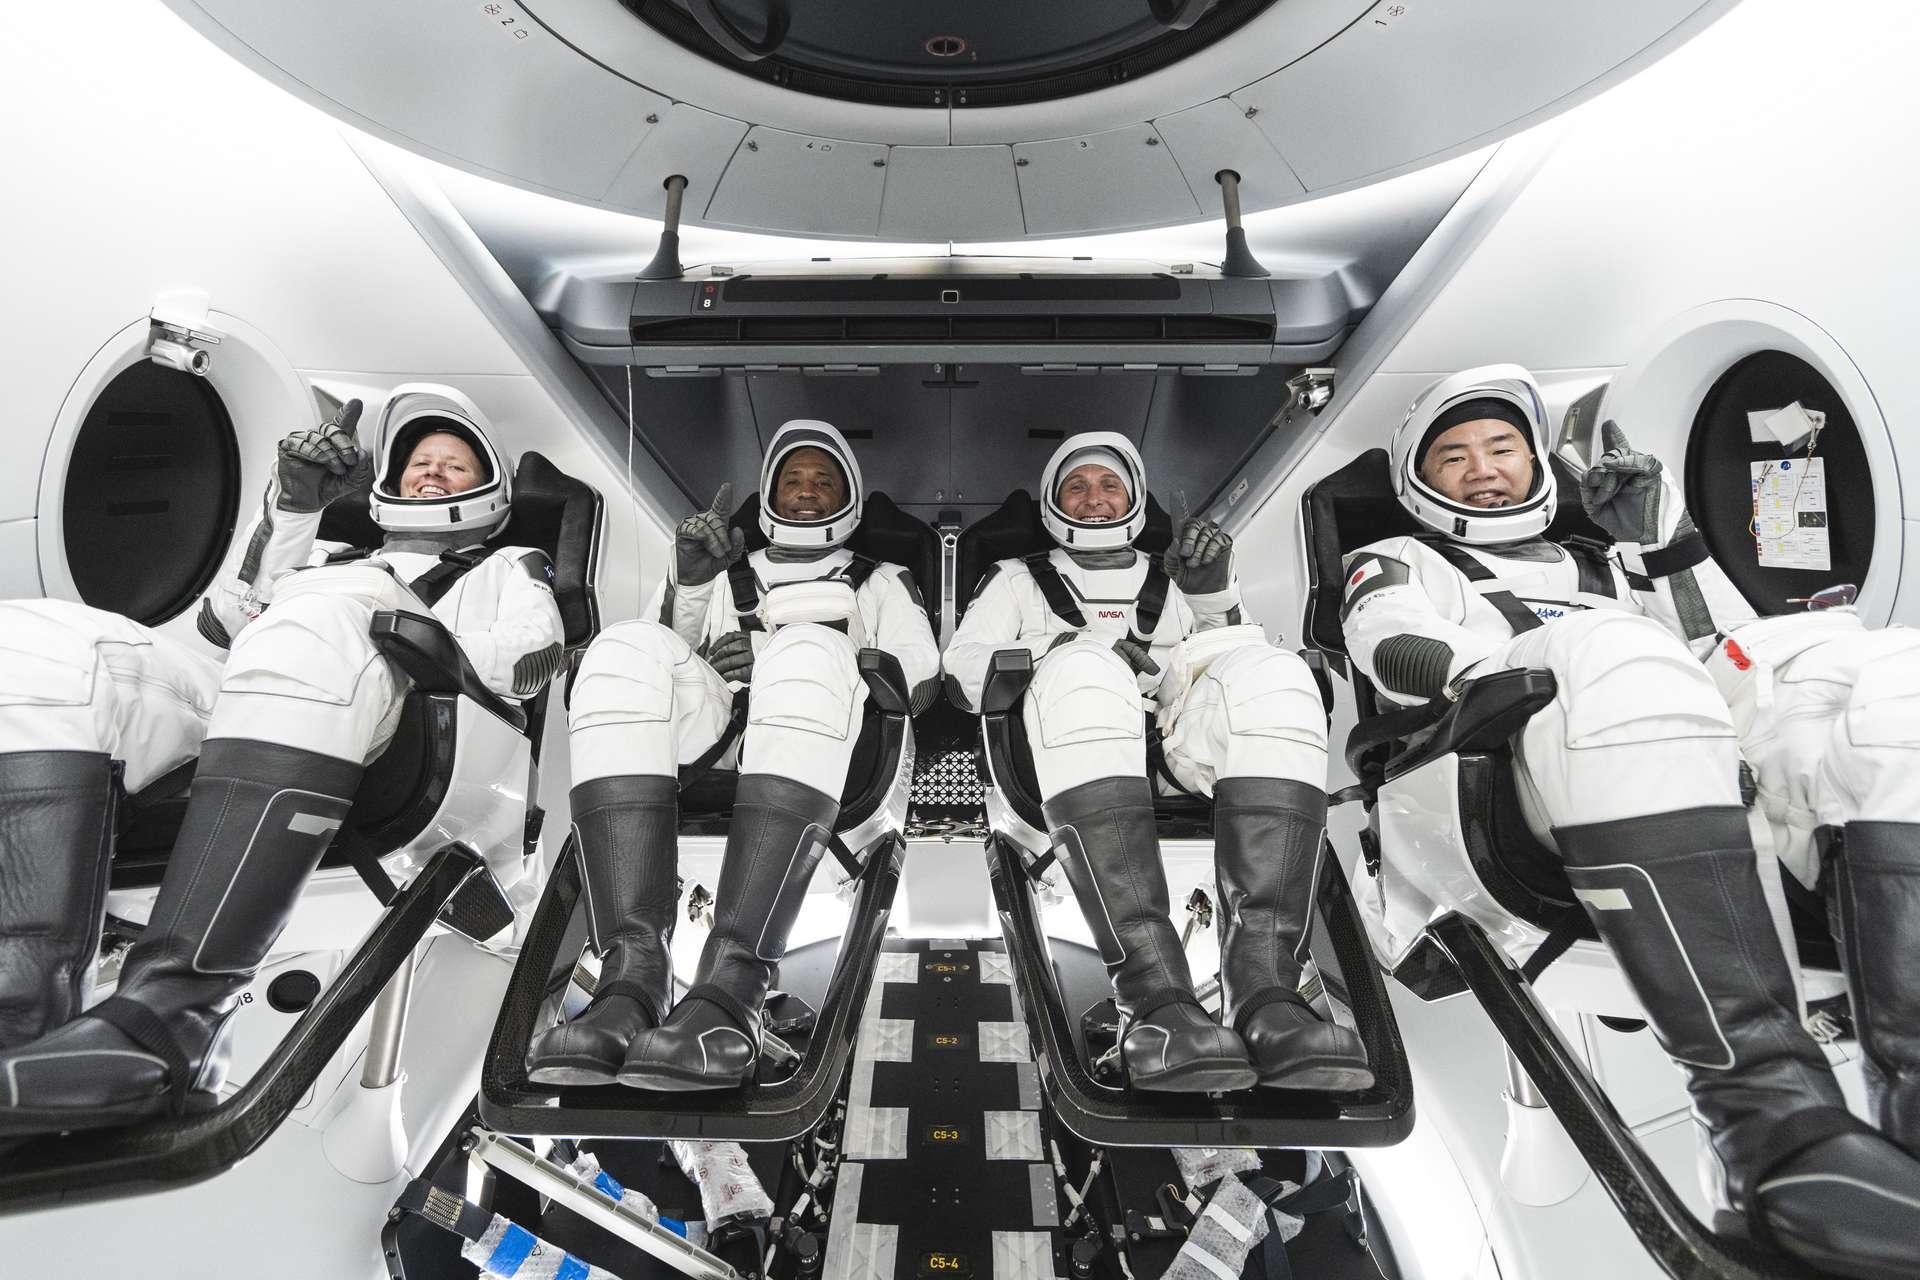 Voici la Crew-1 : trois astronautes américains, Shannon Walker, Victor Glover, Mike Hopkins et un japonais, Soichi Noguchi (Jaxa). © Nasa